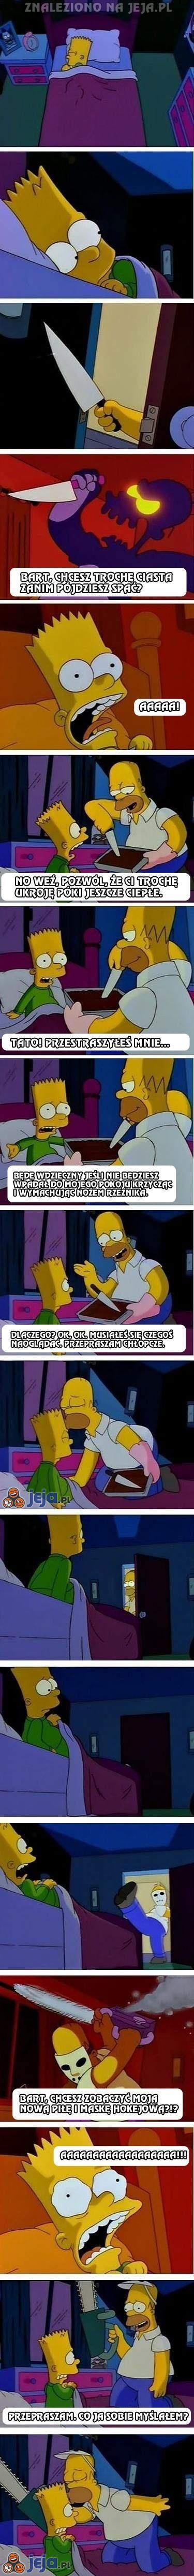 Homer Simpson - kochający ojciec